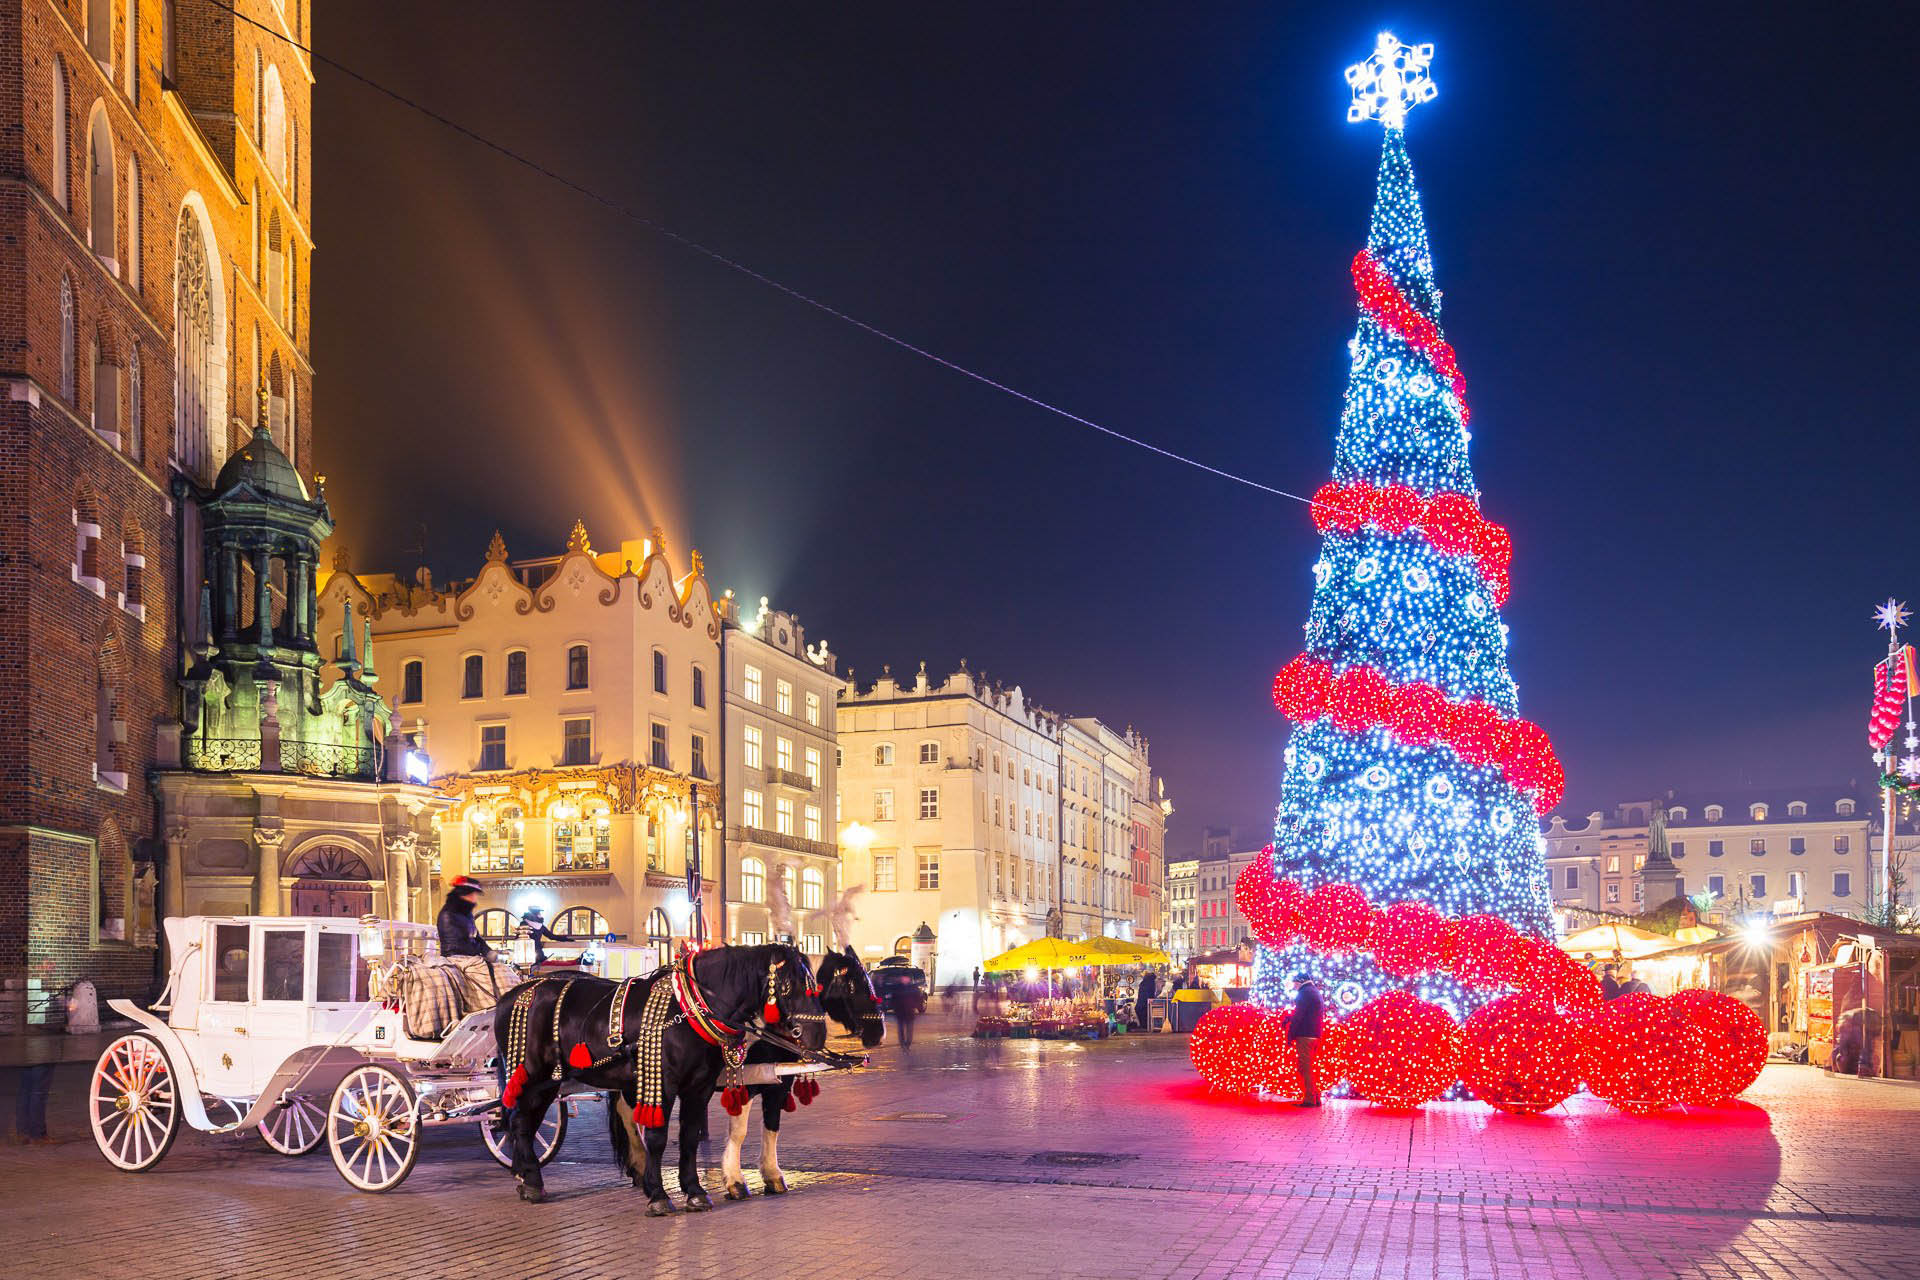 Рождество и Новый Год в Речи Посполитой отмечают с 15 века